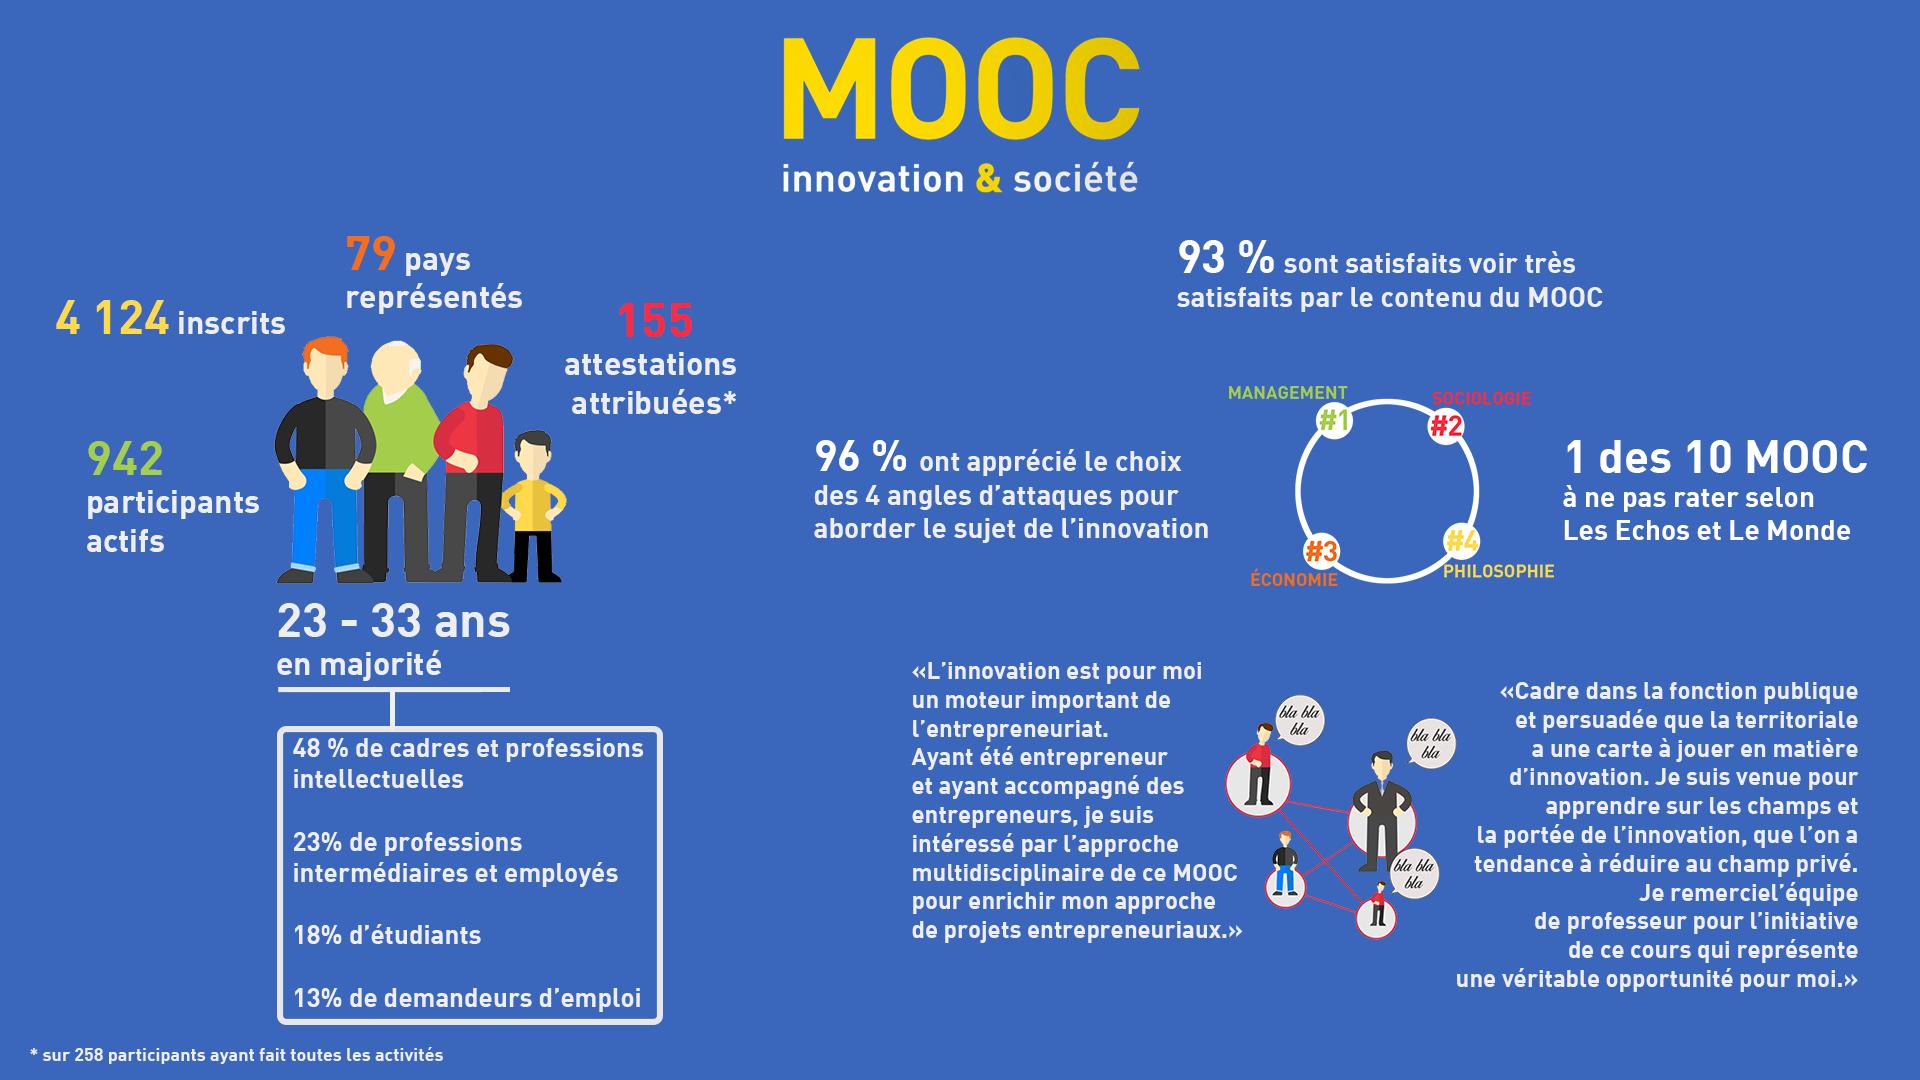 Le MOOC en quelques chiffres